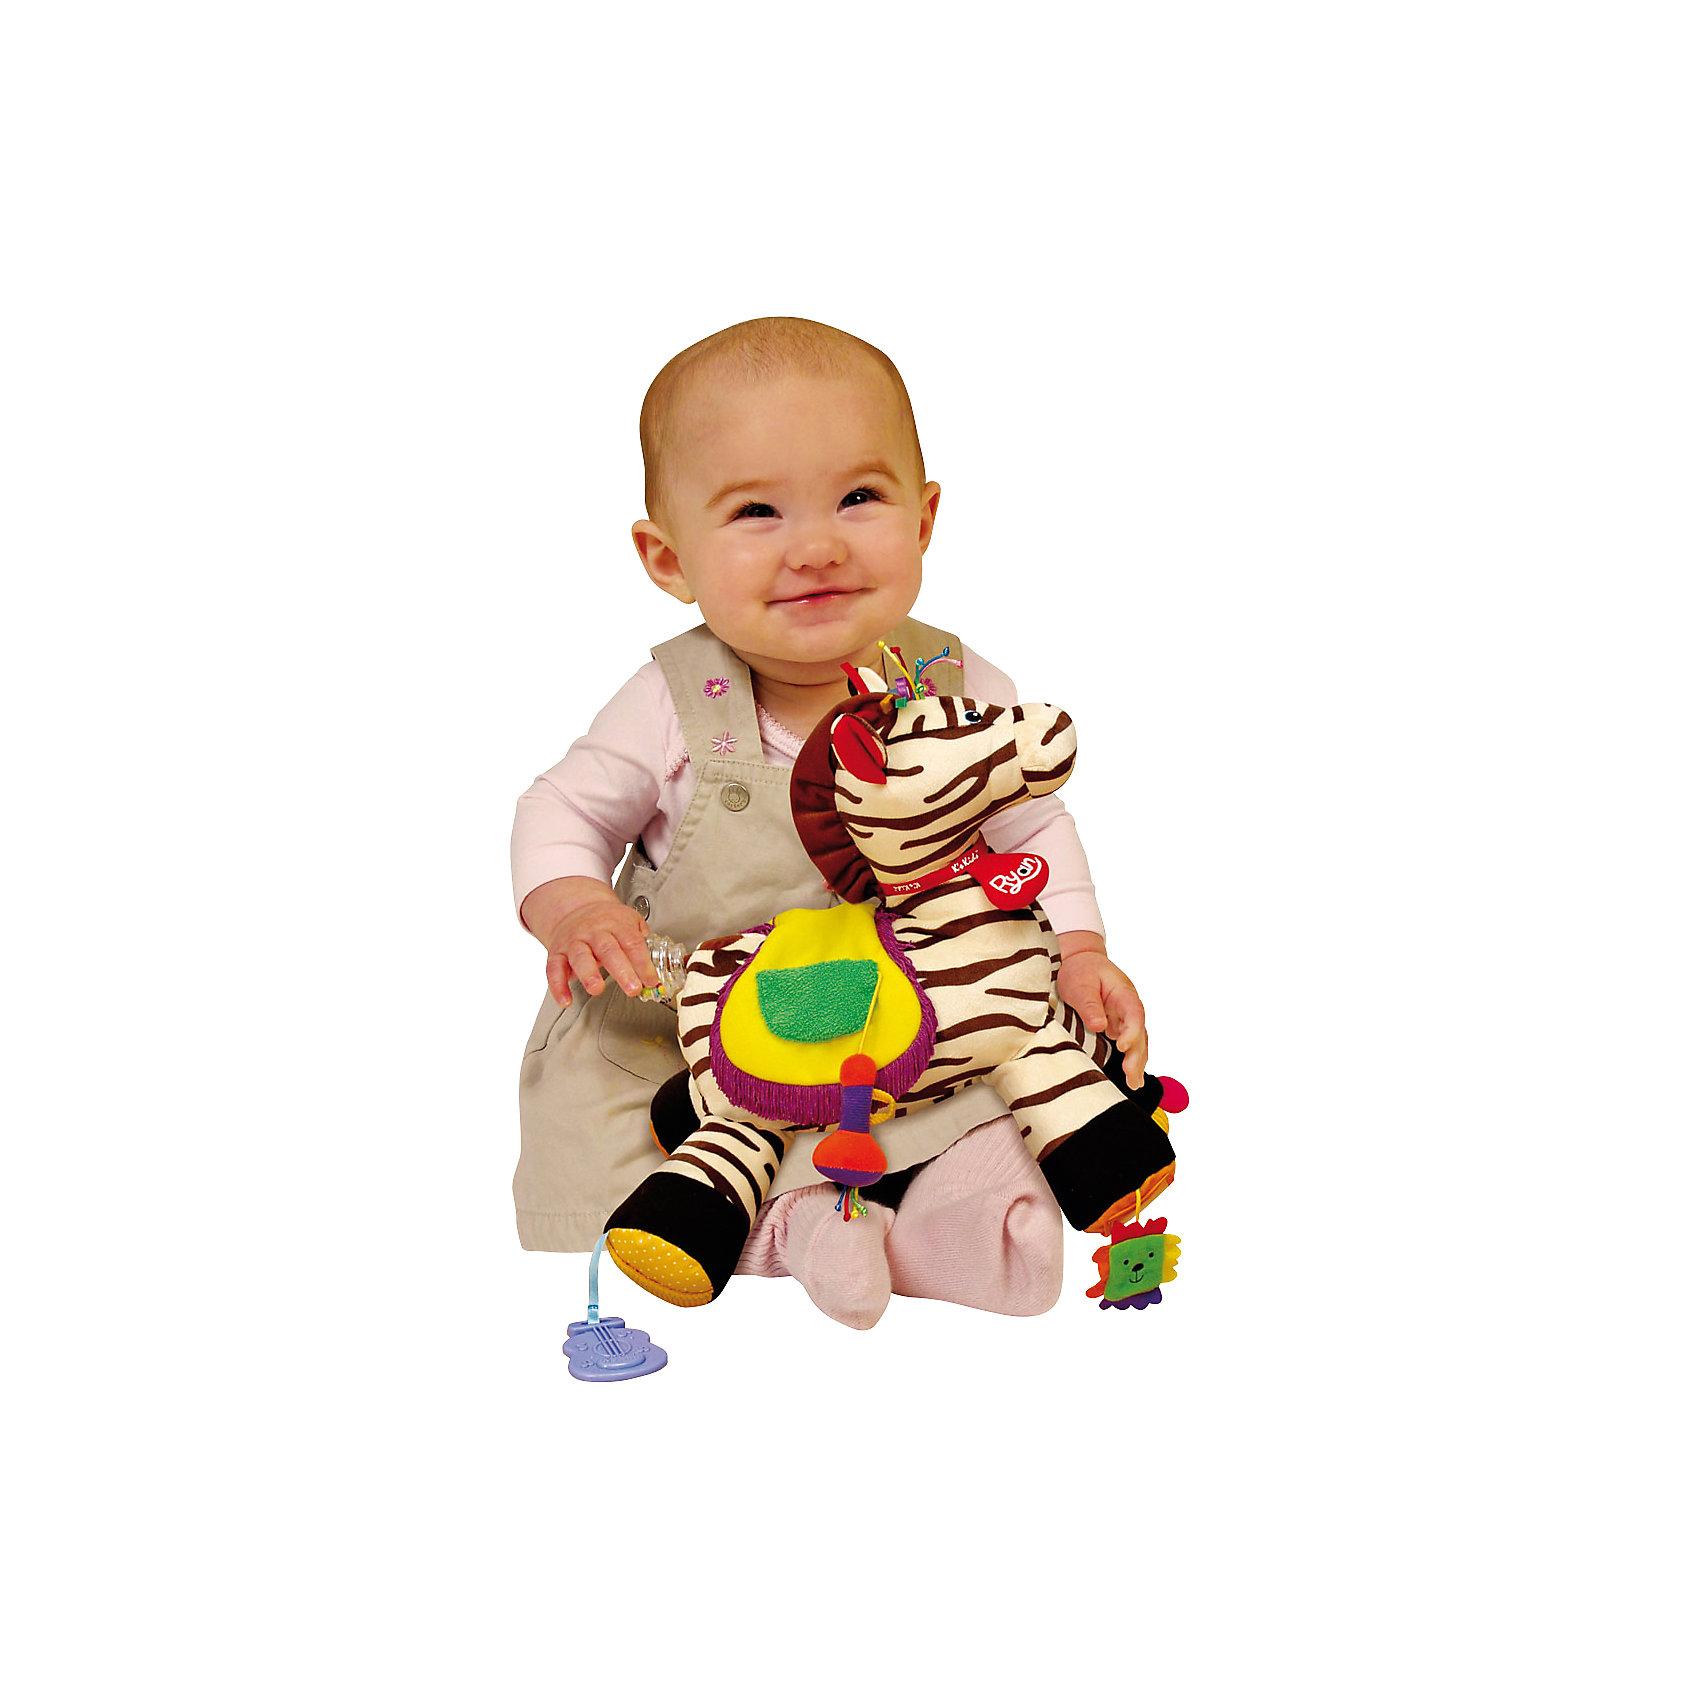 Развивающий центр Райан 18, Ks KidsИгрушки для малышей<br>Развивающий центр «Райан 18», выполненный в виде зебры, подарит ребенку множество приятных игр. Малышу будет любопытно познавать новые предметы и ощущения, благодаря множеству обучающих элементов прикрепленных на зебре от K'sKids.<br>На седле зебры, которое пищит при нажатии, нарисован круг, квадрат и треугольник, в центре фигурок вписаны цифры. На одном копыте зебры установлено безопасное зеркало, вокруг которого есть разноцветные шуршащие лепестки. На другом копытце есть диск, который вертится и трещит. Третье копытце оснащено гитарой на ленте, а на четвертом располагается веселая подвеска. Хвост лошадки выполнен в виде прорезывателя-погремушки. На шее игрушки завязан красный шарфик, на котором написано имя зебры. Игрушка сделана из материалов разных фактур, развивает тактильное восприятие и мелкую моторику пальцев рук. <br>Яркая расцветка игрушки привлекает внимание малышей и способствует развитию цветового восприятия ребенка. <br>Развивающий центр изготовлен из высококачественных экологичных материалов абсолютно безопасных даже для самых маленьких детей. <br><br>Дополнительная информация:<br><br>- Материал: пластик, текстиль.<br>- Размер: 16x28x25 см.<br>- 18 развивающих элементов.<br>- Цифры, безопасное зеркальце, погремушка, пищалка, прорезыватель, кармашки.<br>- Специальный кармашек, в который можно поместить фото ребенка.  <br><br>Развивающий центр Райан 18, Ks Kids, можно купить в нашем магазине.<br><br>Ширина мм: 340<br>Глубина мм: 270<br>Высота мм: 330<br>Вес г: 866<br>Возраст от месяцев: 0<br>Возраст до месяцев: 12<br>Пол: Унисекс<br>Возраст: Детский<br>SKU: 4589898